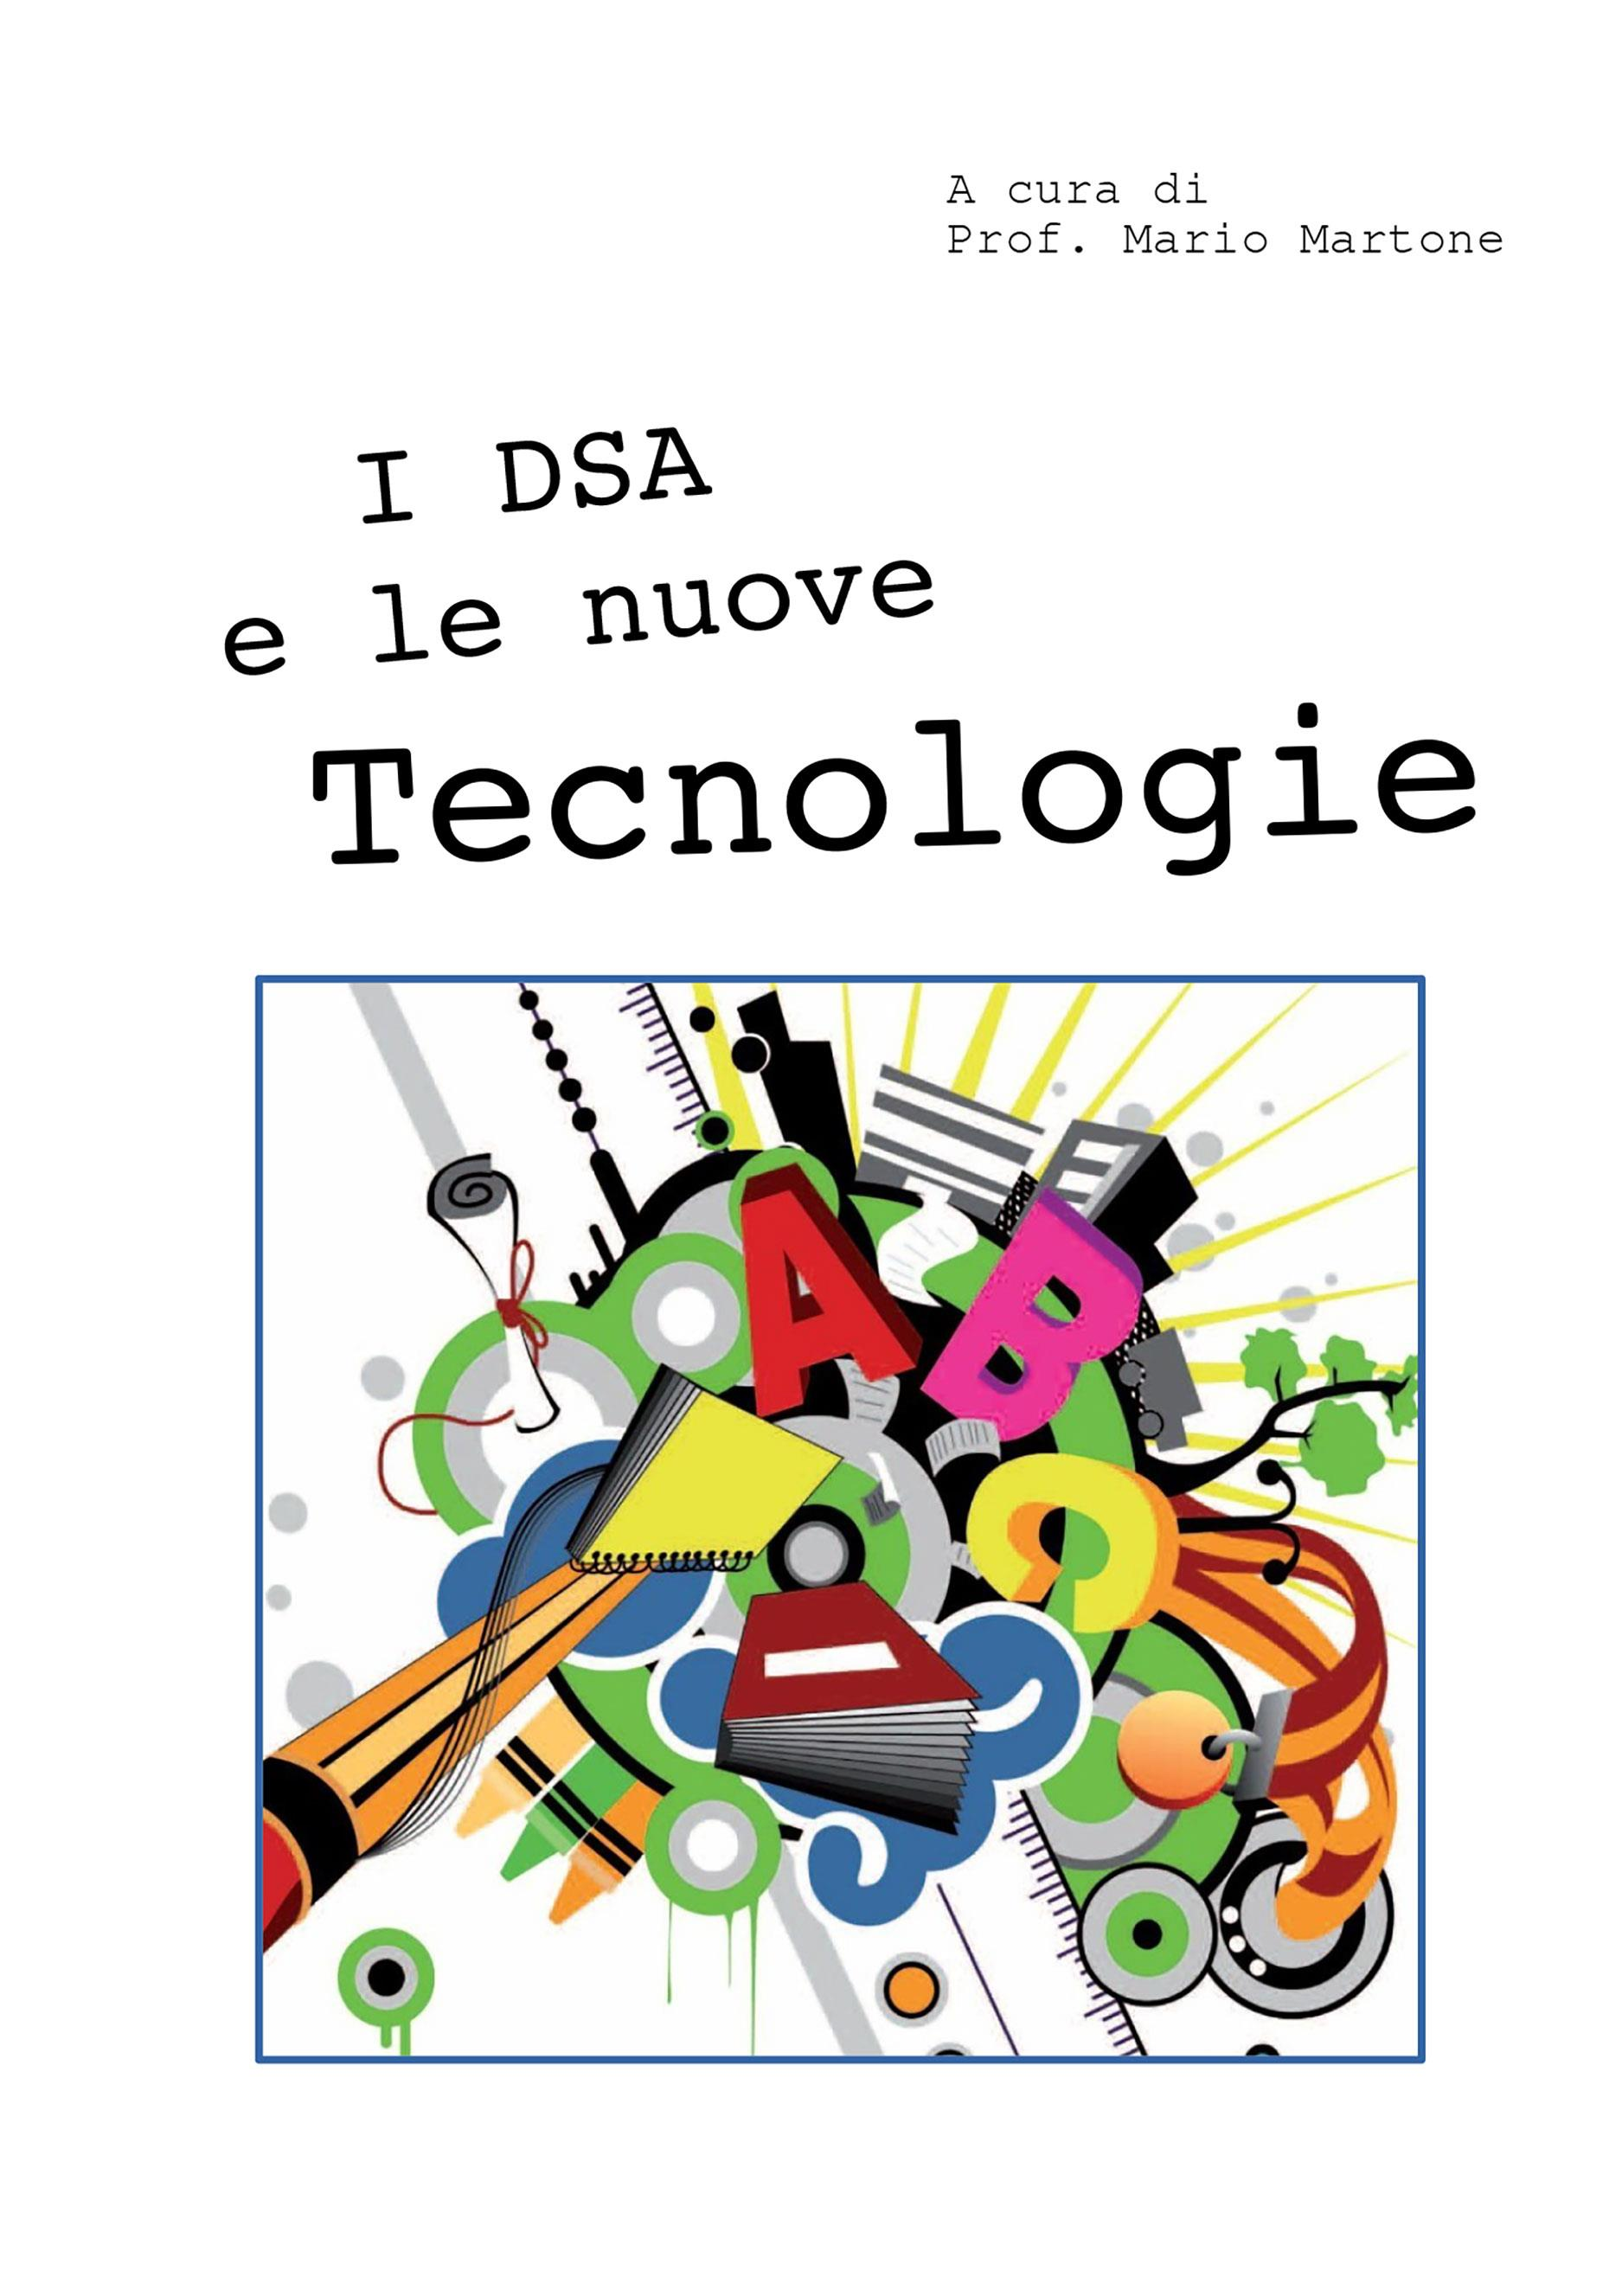 I DSA e le nuove tecnologie